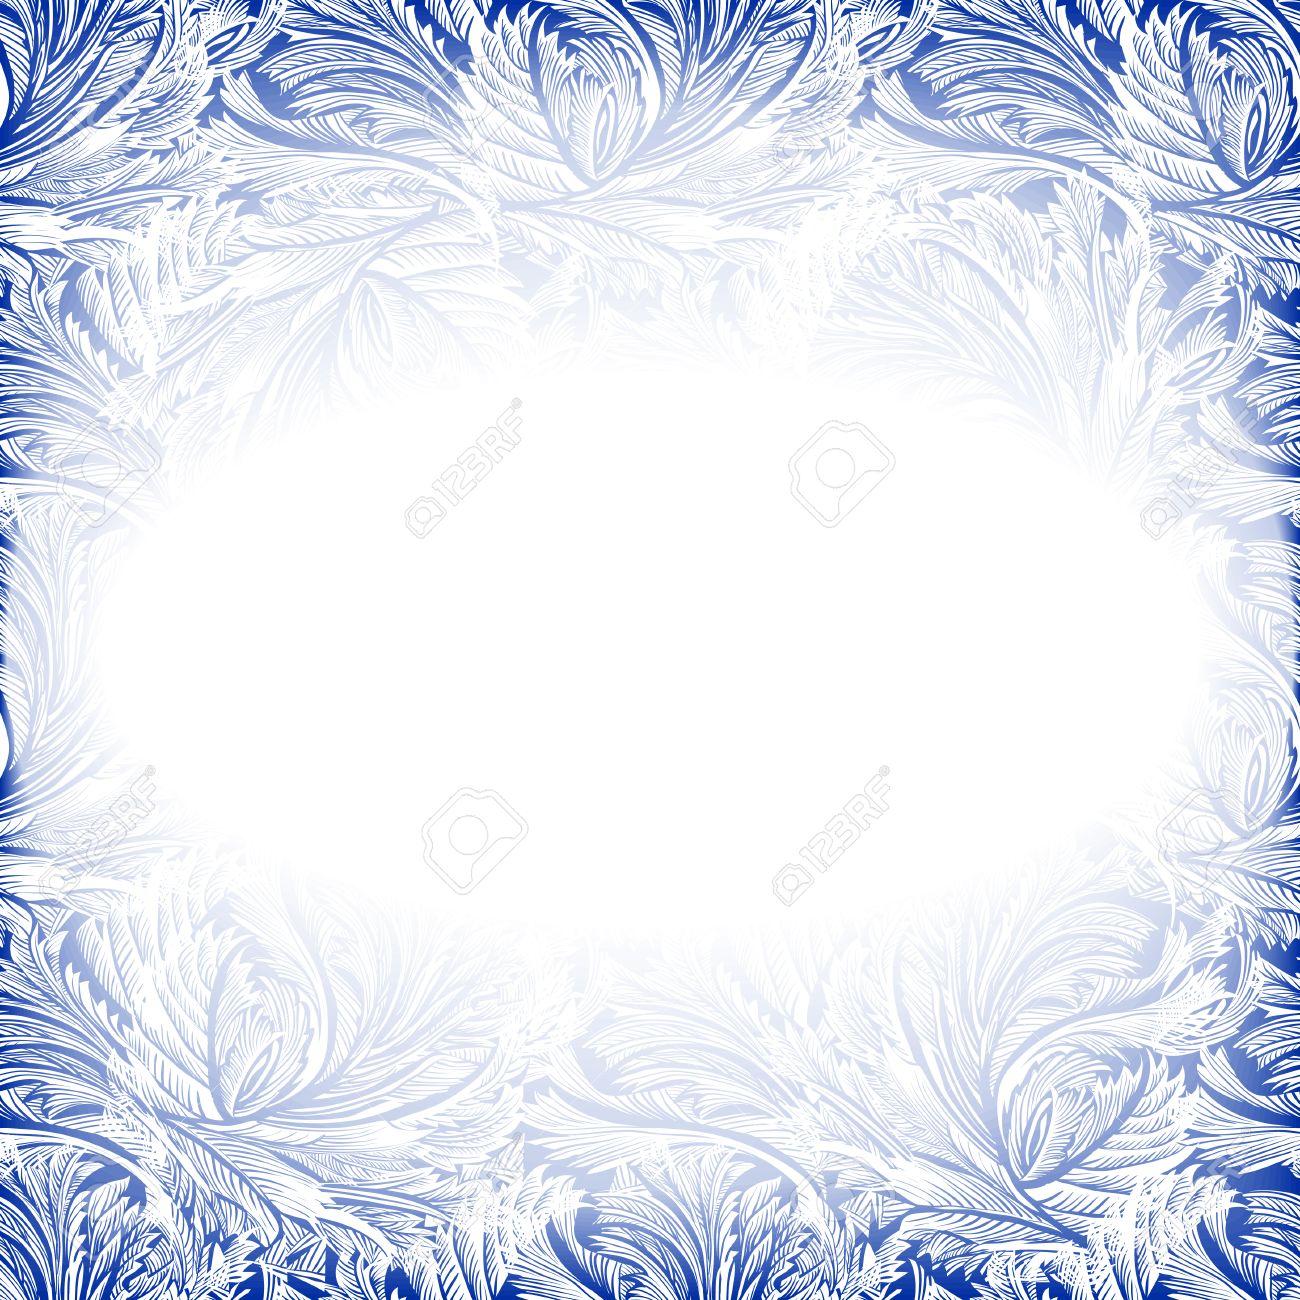 Marco De La Decoración De Cristal Congelado. Vacaciones De Invierno ...